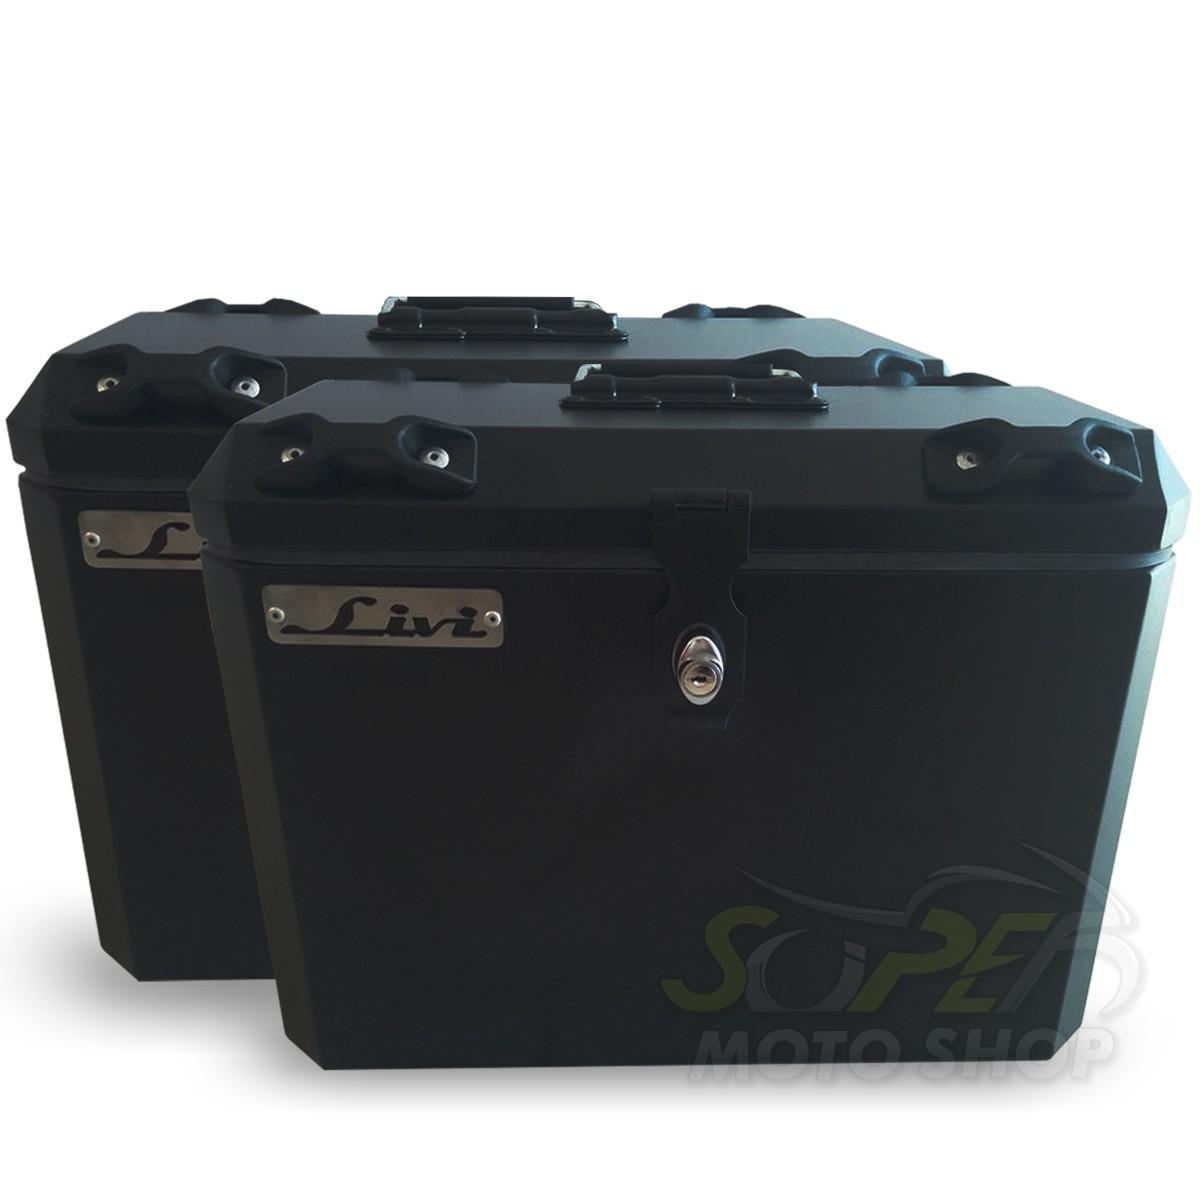 Bauletos / Baús Laterais / Side Case Modelo Livi 35 Litros PAR + Suporte Lateral - GS 1200 R LC ano 2013 em Diante - BMW